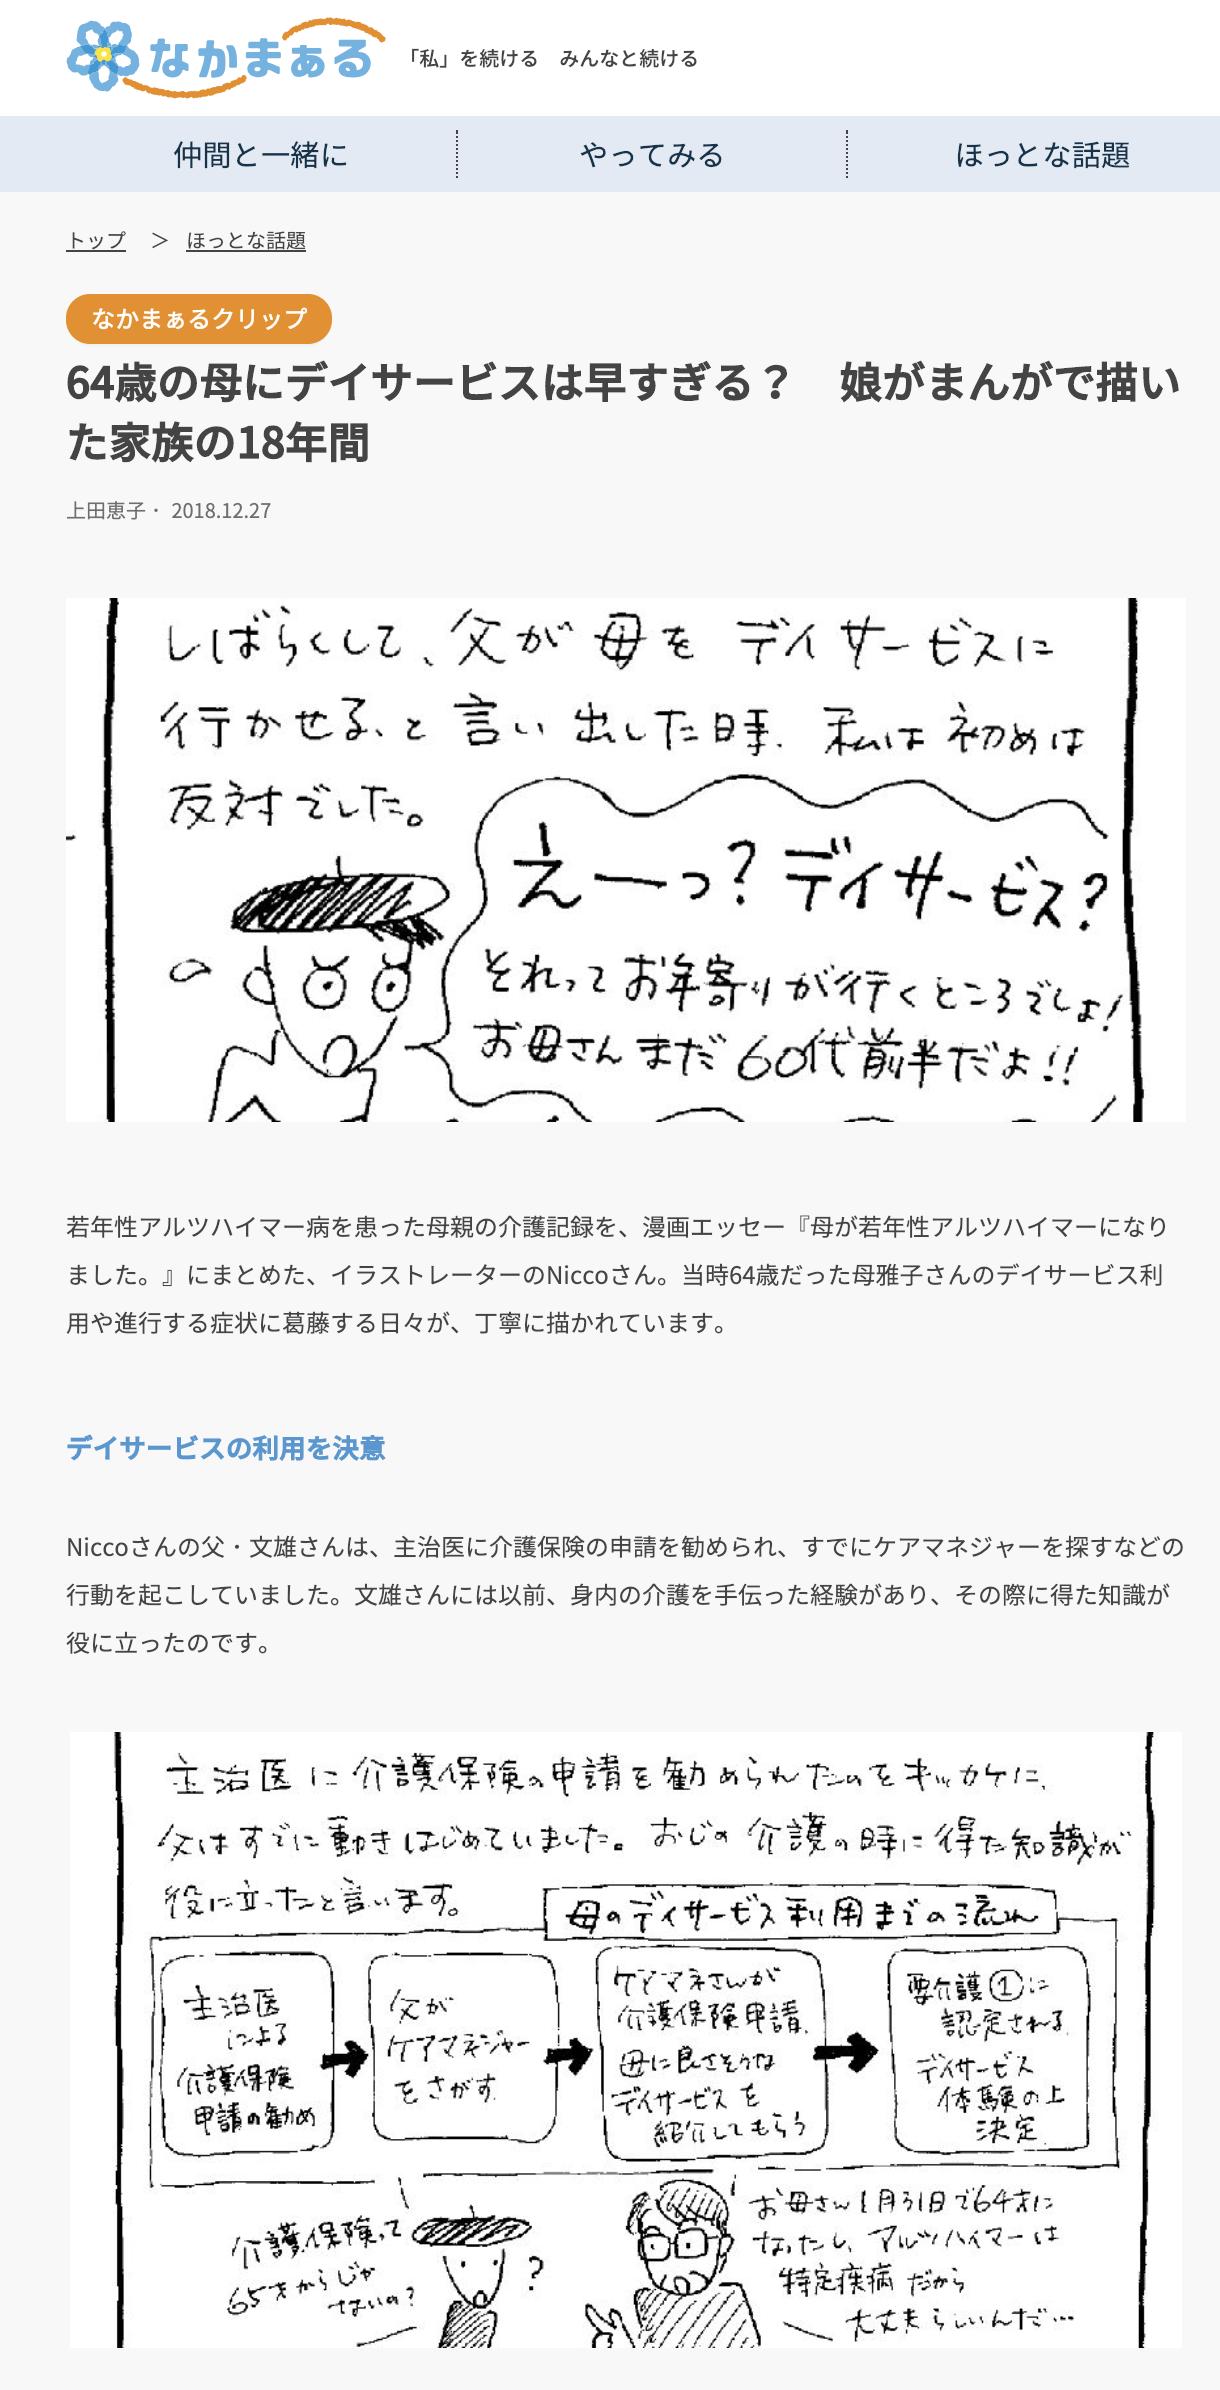 『母が若年性アルツハイマーになりました。』朝日新聞ウエブメディア「なかまぁる」連載2回目